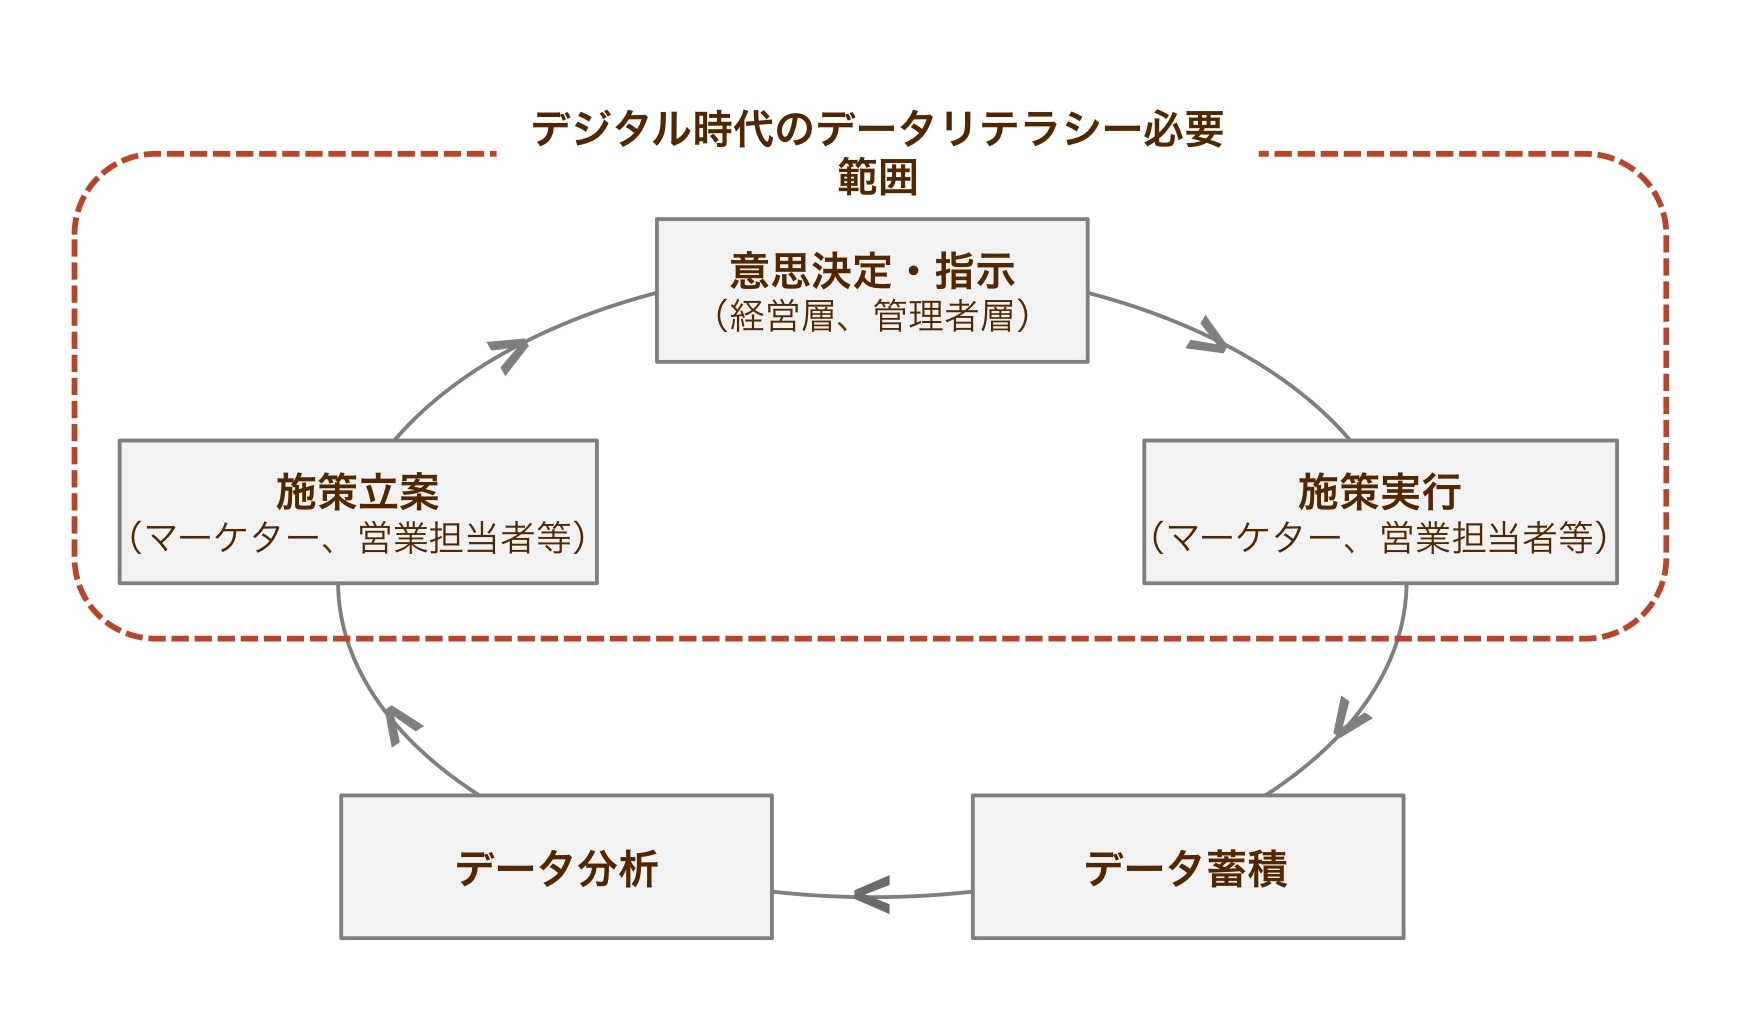 図1:企業における組織的データ活用のサイクル